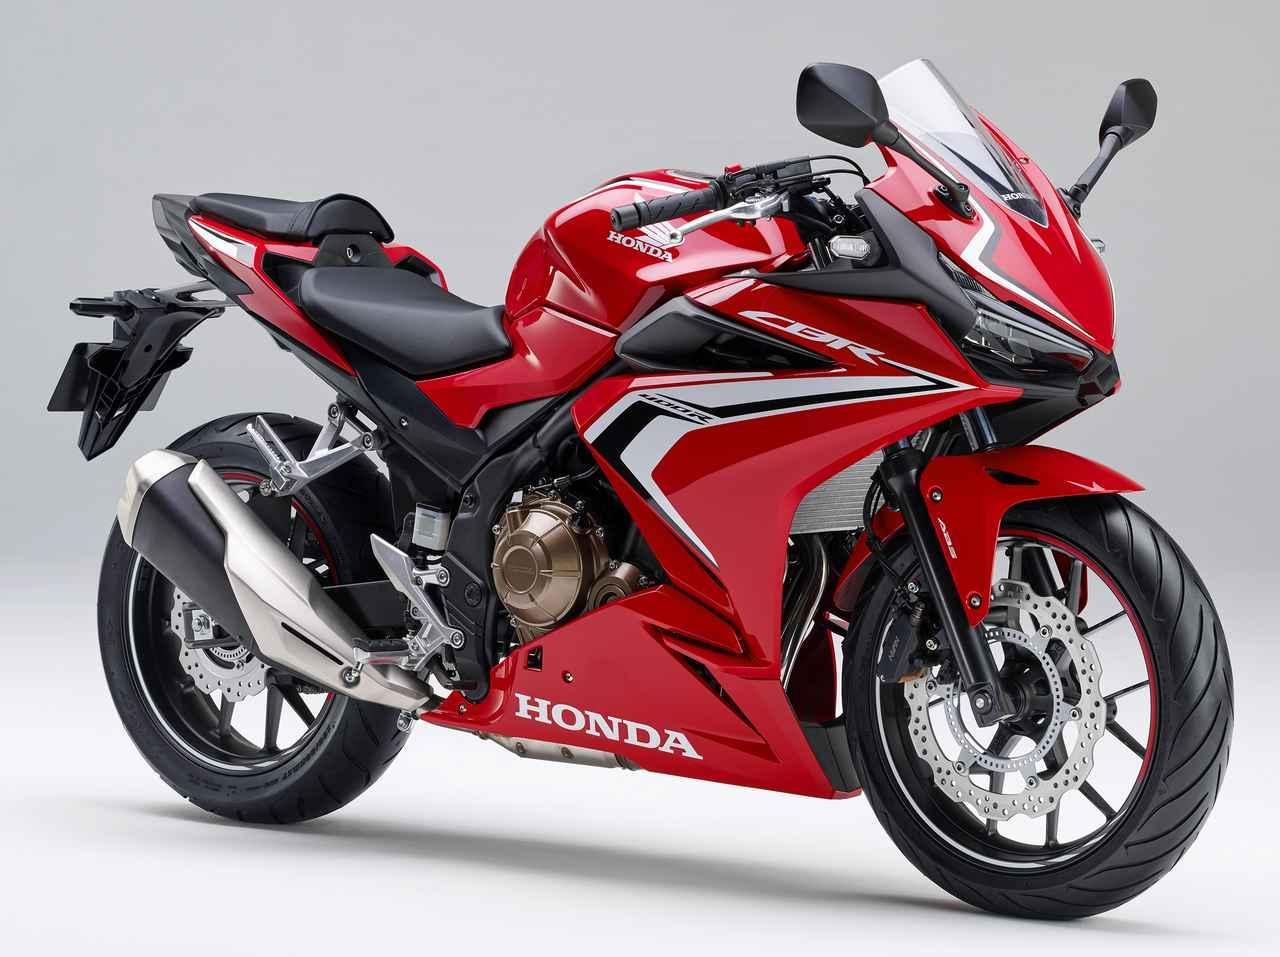 画像: CBRらしいシャープなデザインになって登場! 価格は79万3800円!【HONDA CBR400R】 - webオートバイ